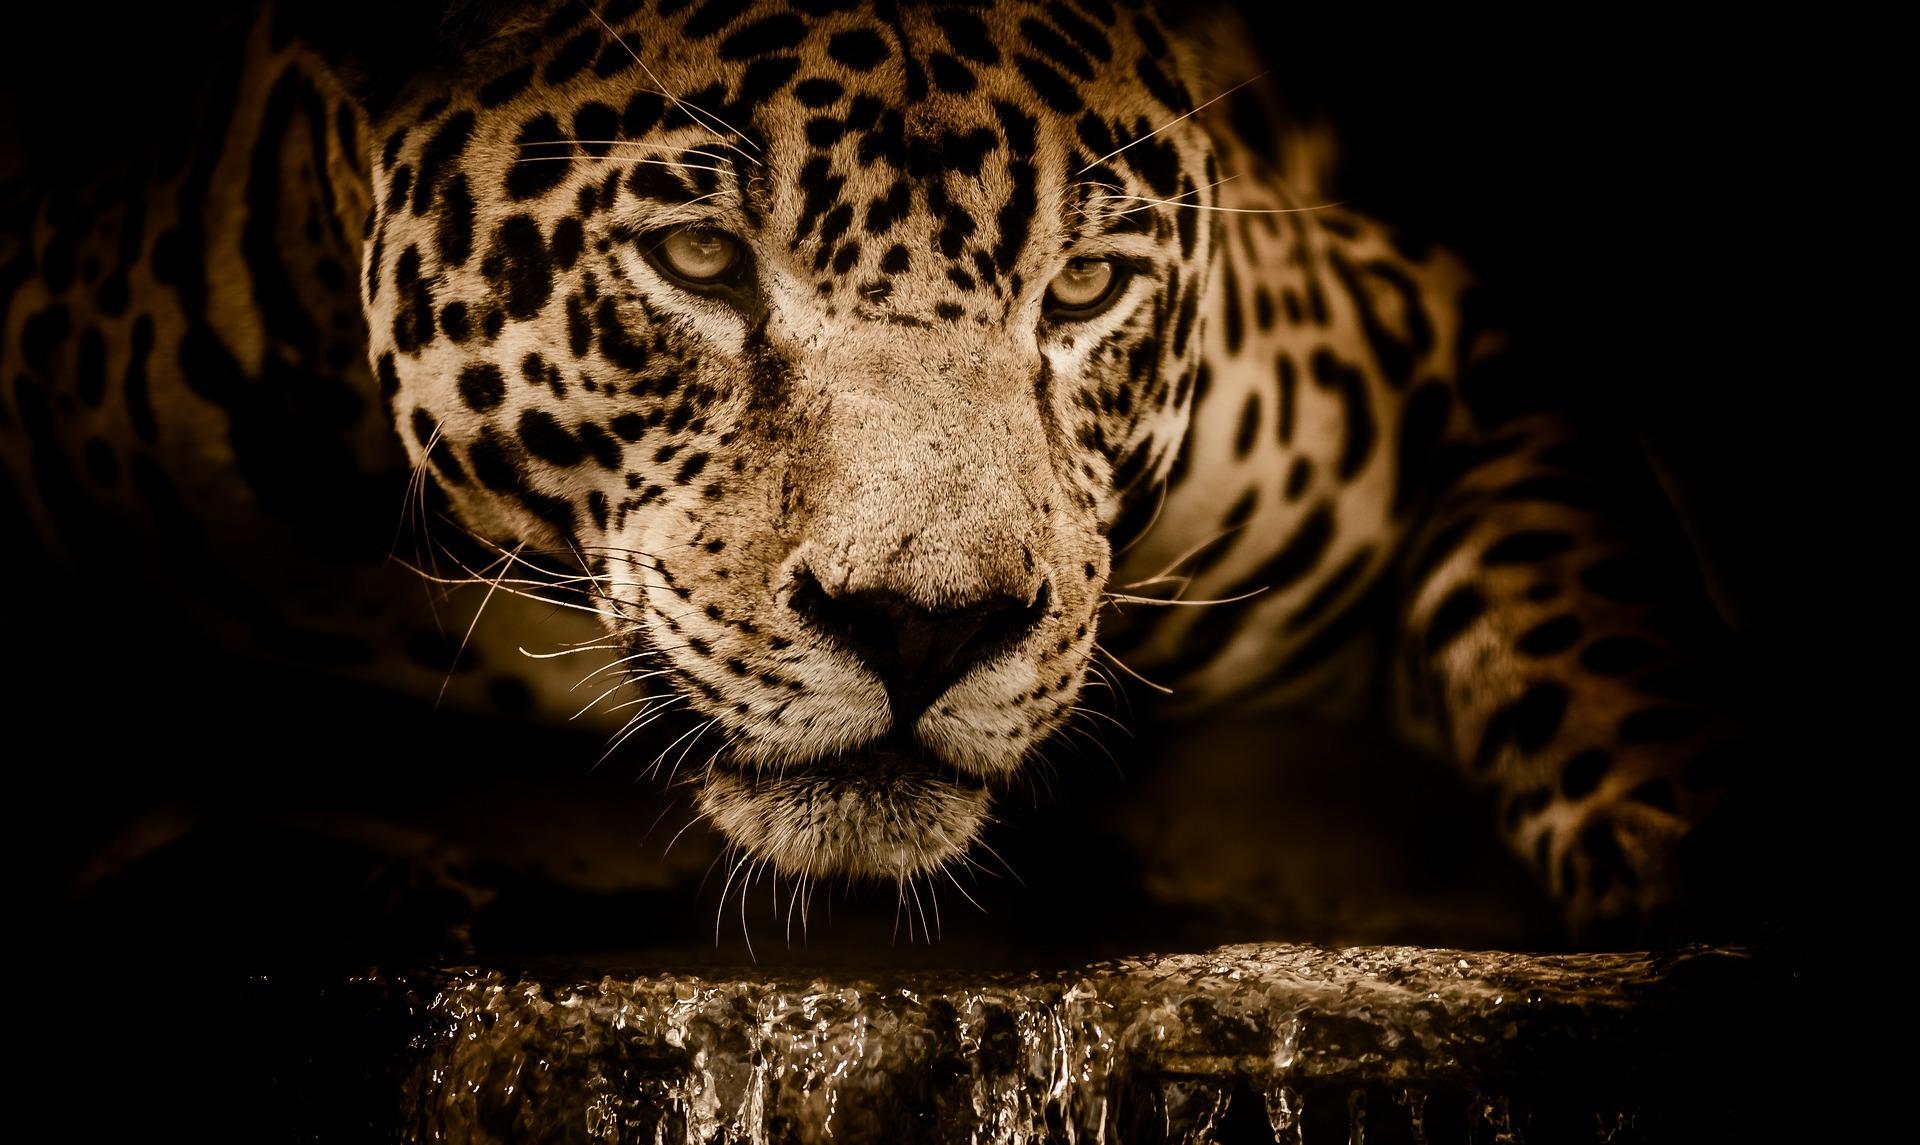 jaguar-2894706_1920.jpg